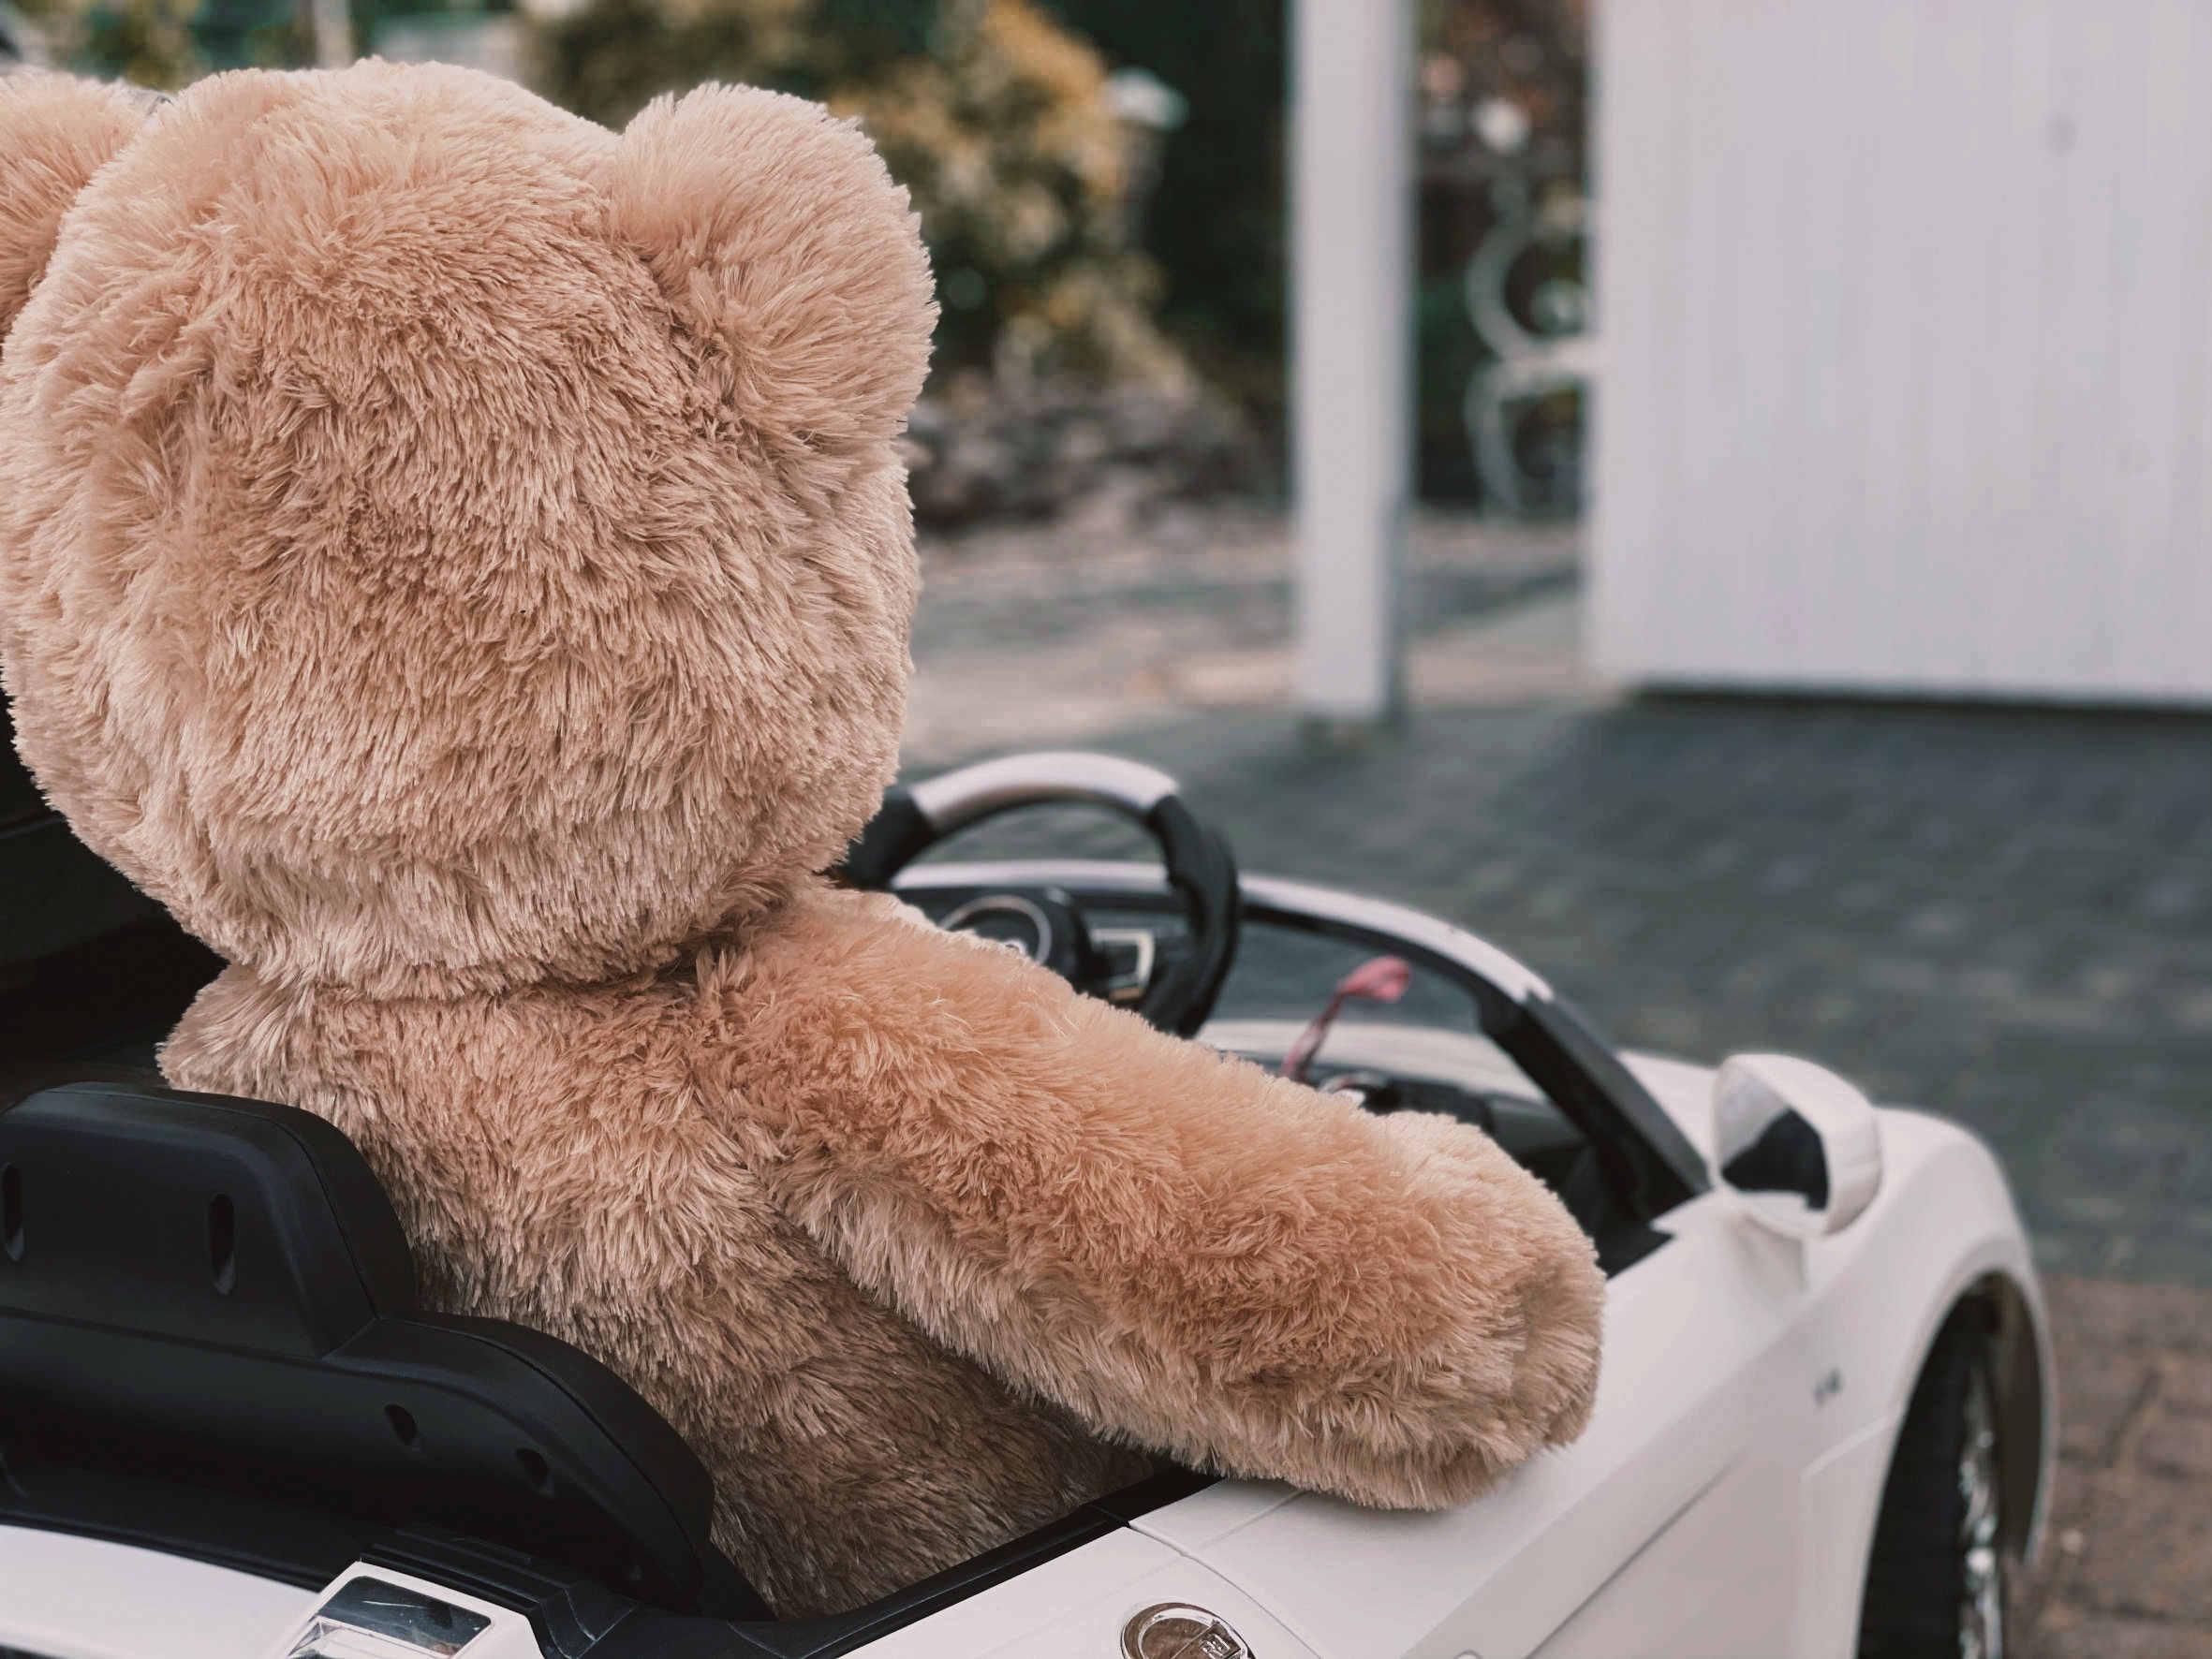 Plüsch Teddy im Spielauto von hinten